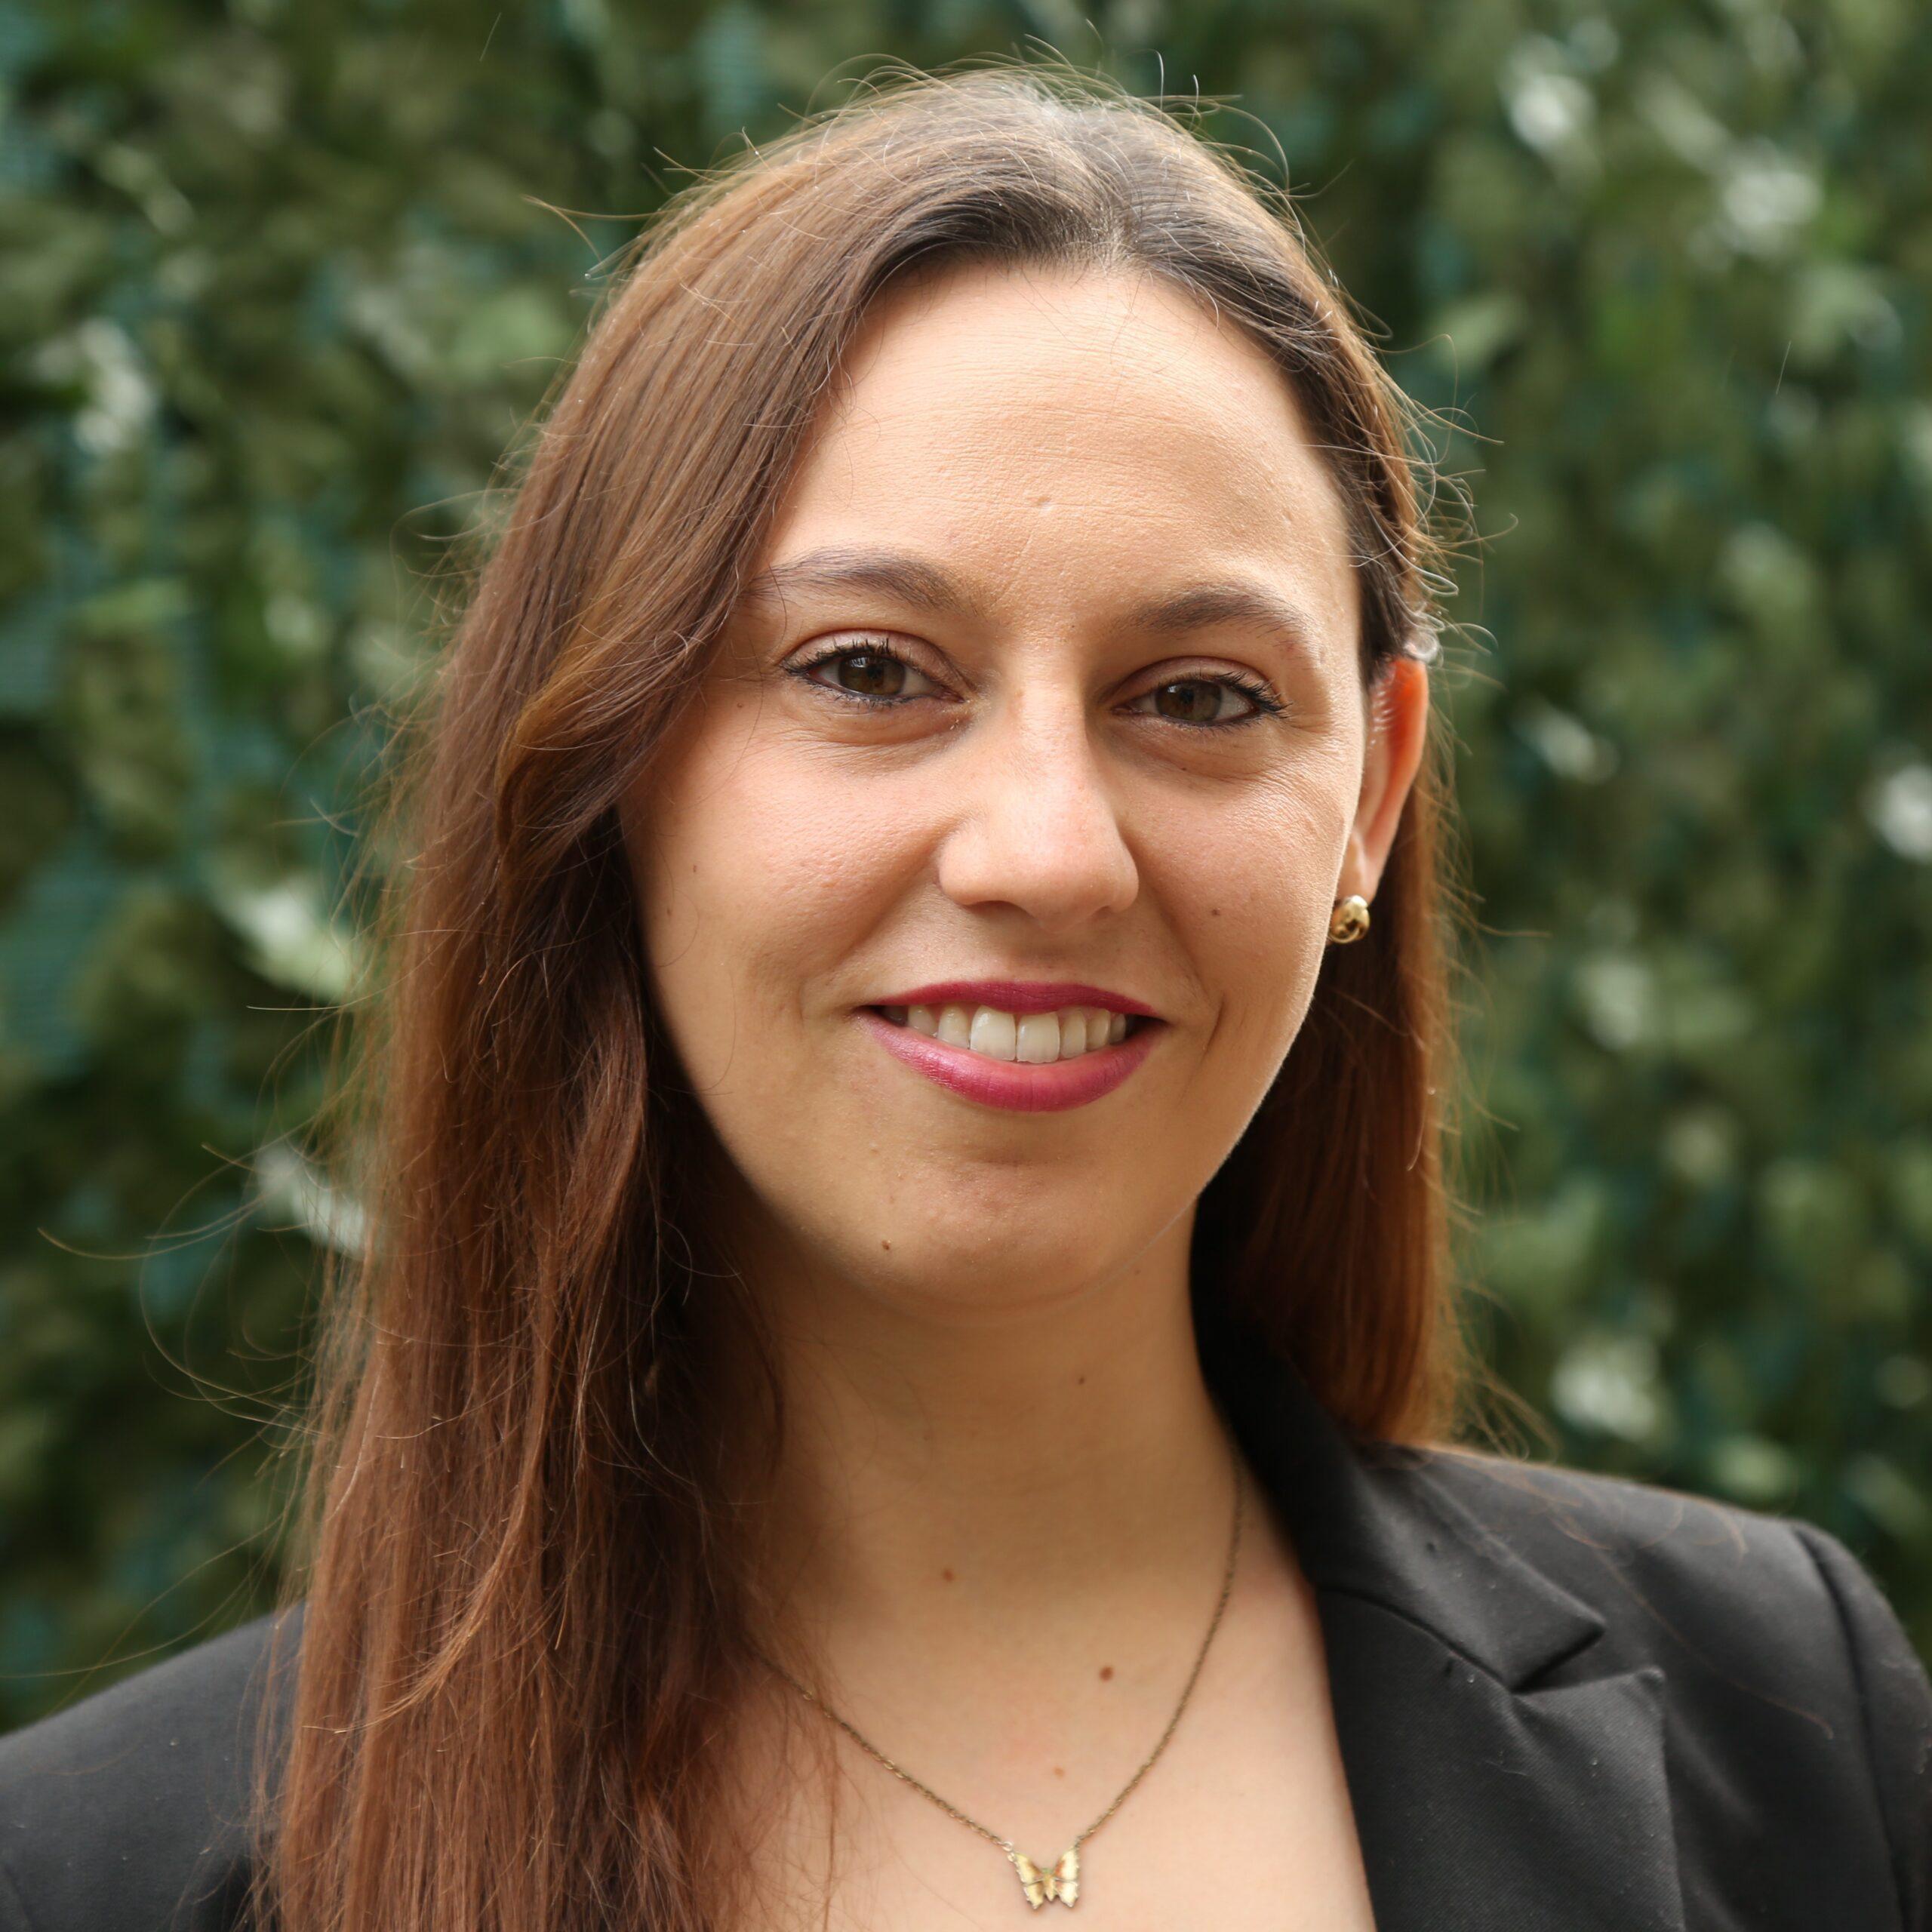 Valerie Wrenn